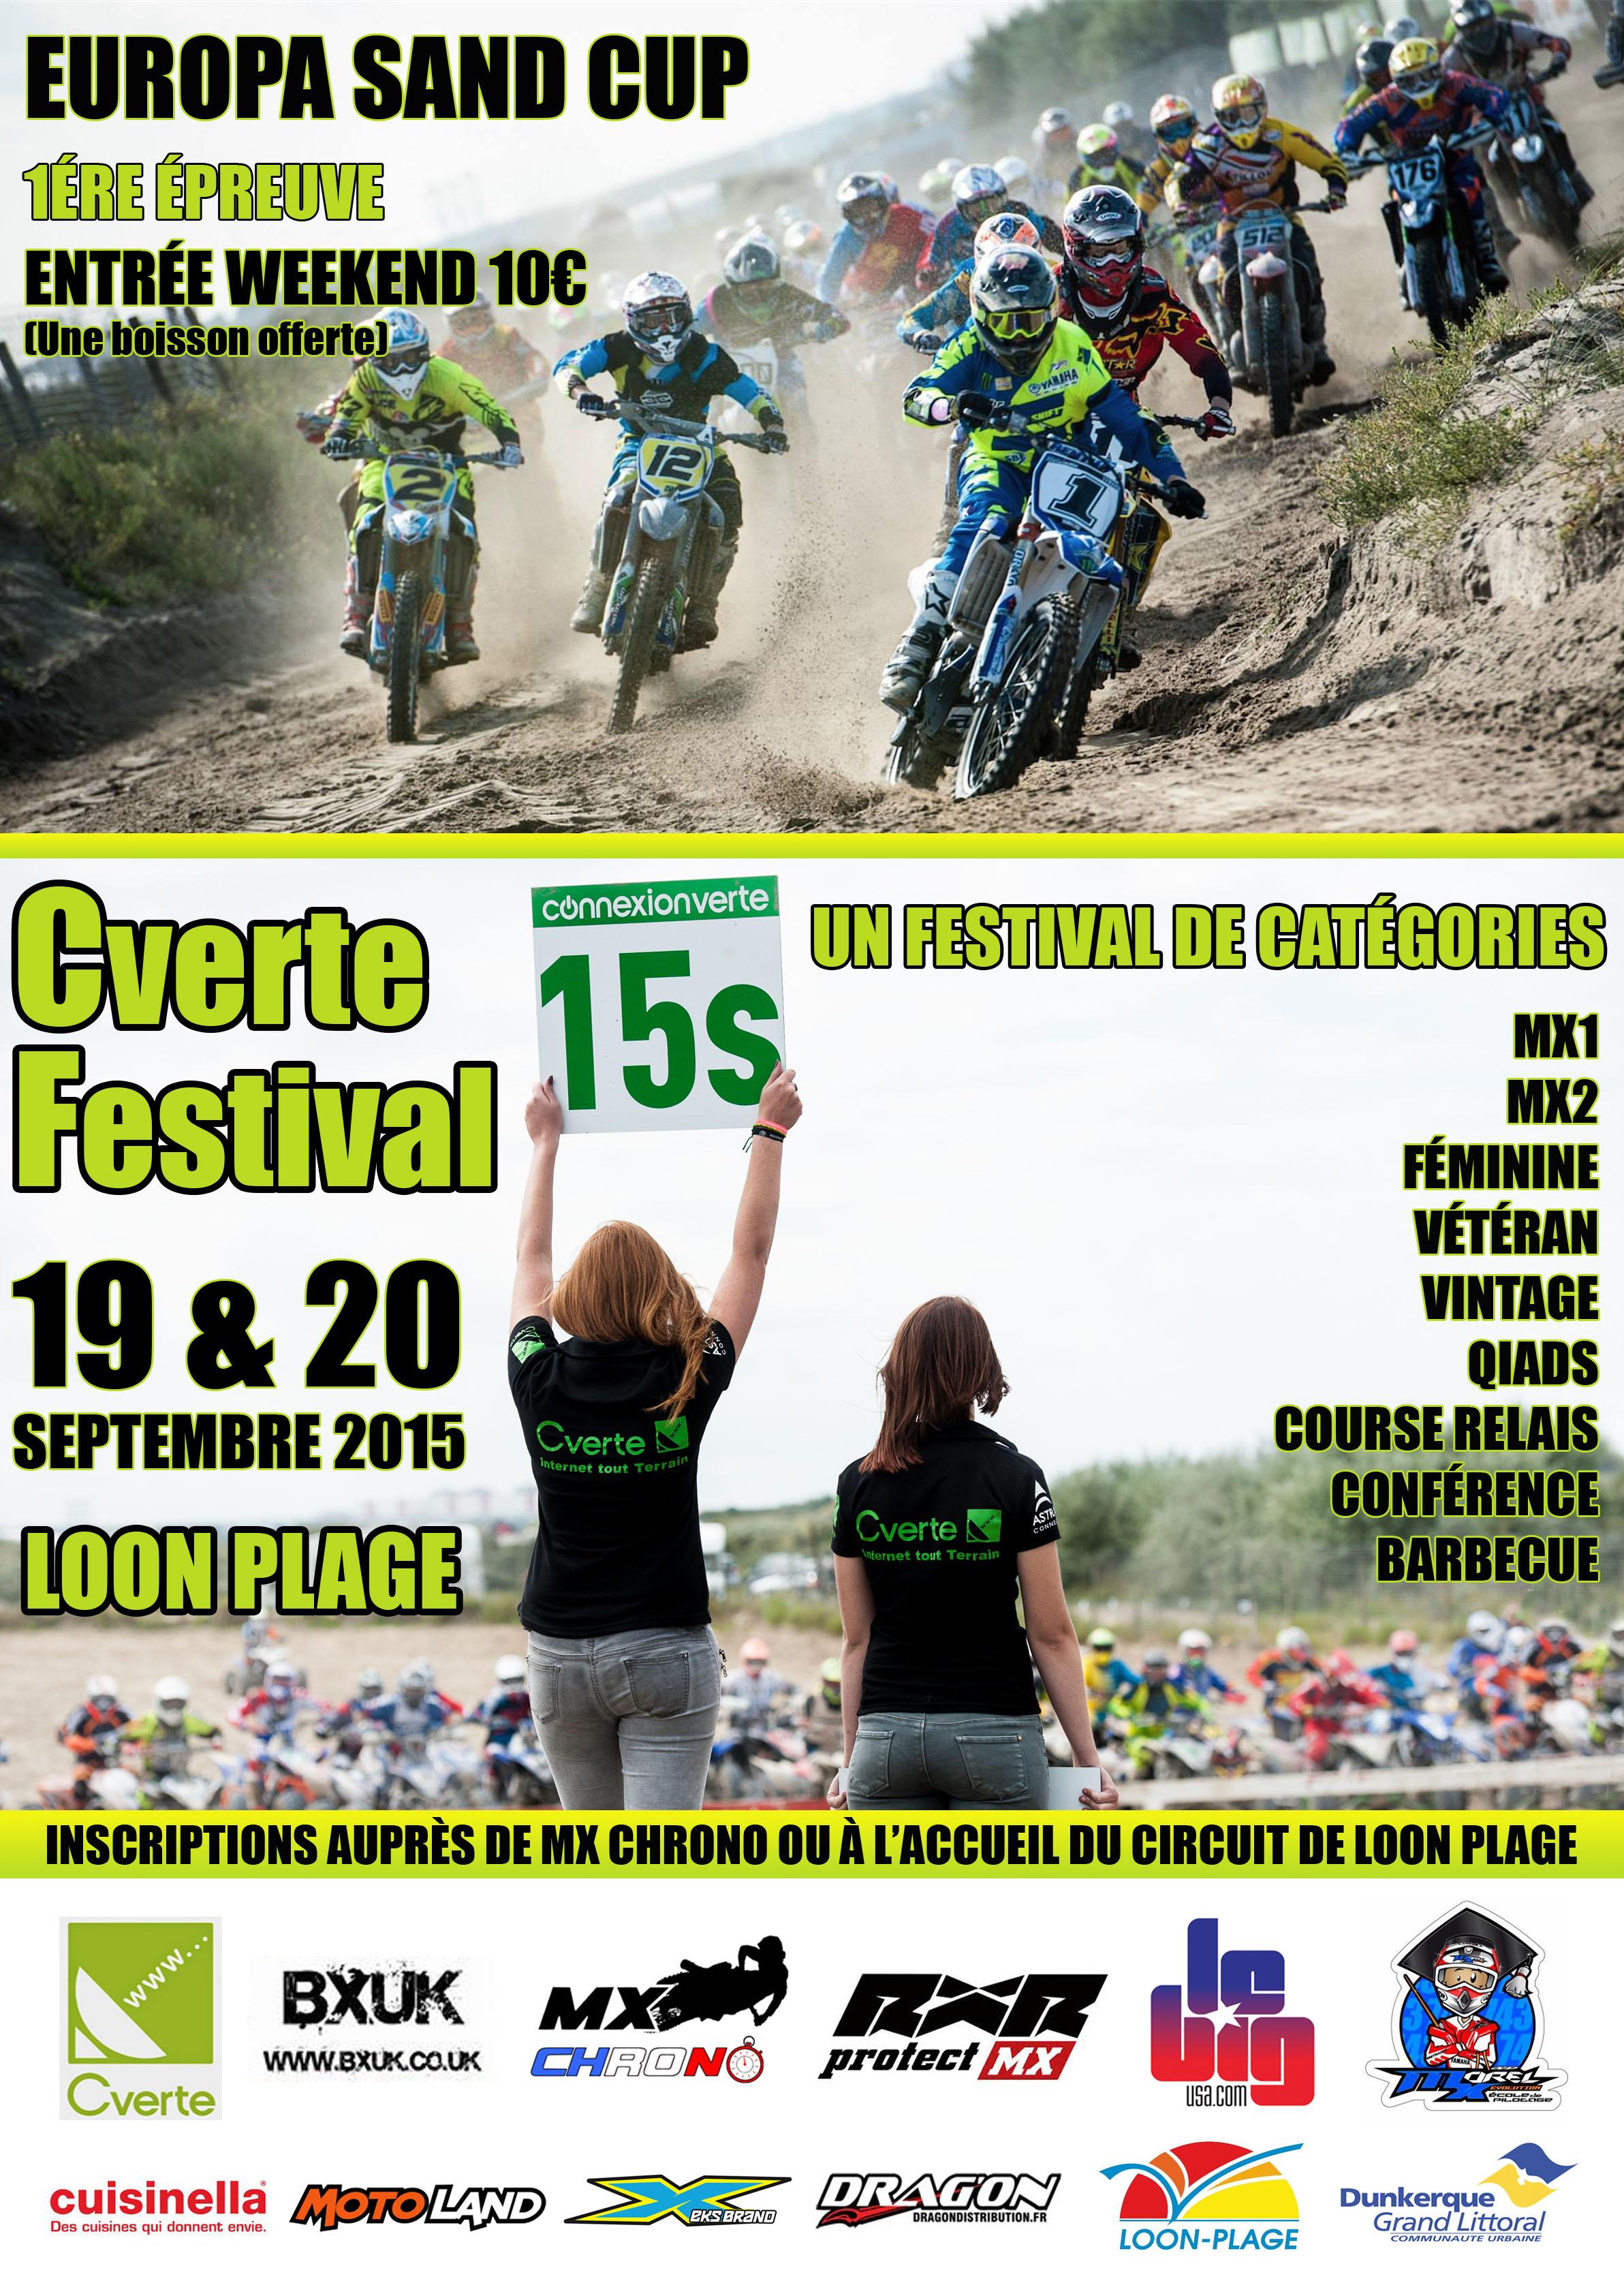 Affiche Cverte festival grand format(1)